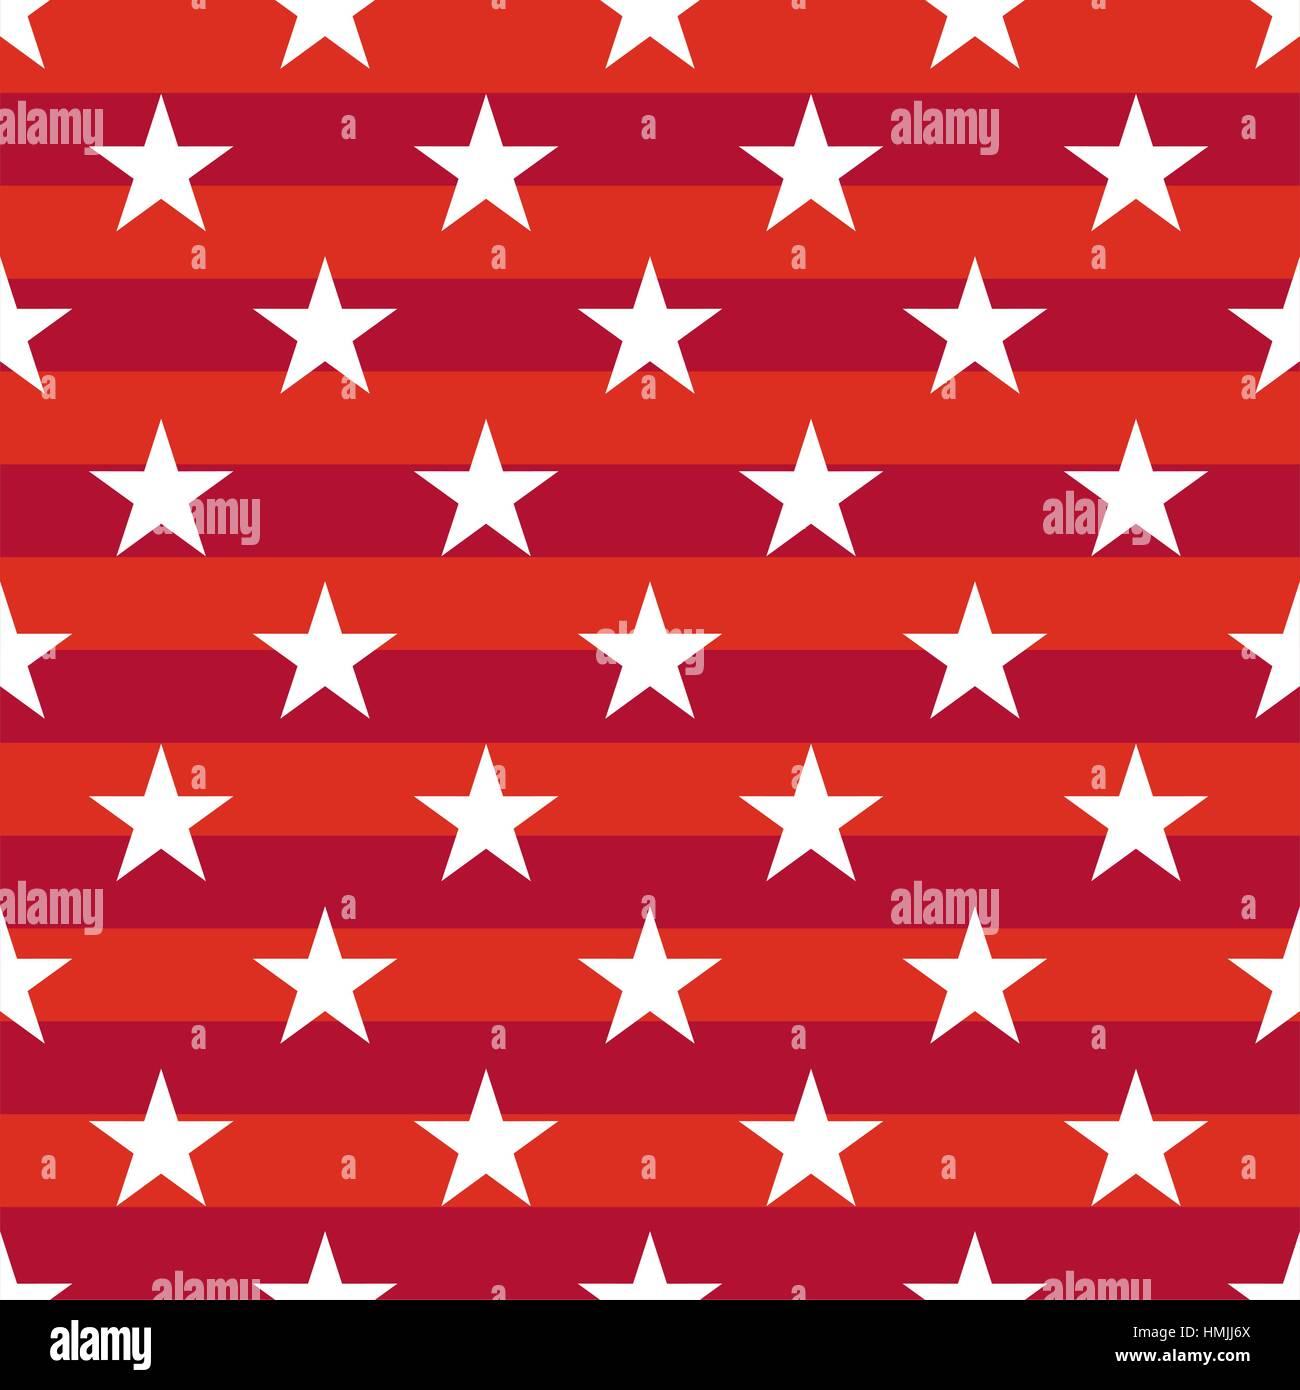 Großartig Usa Flagge Färbung Seite Bilder - Malvorlagen-Ideen ...